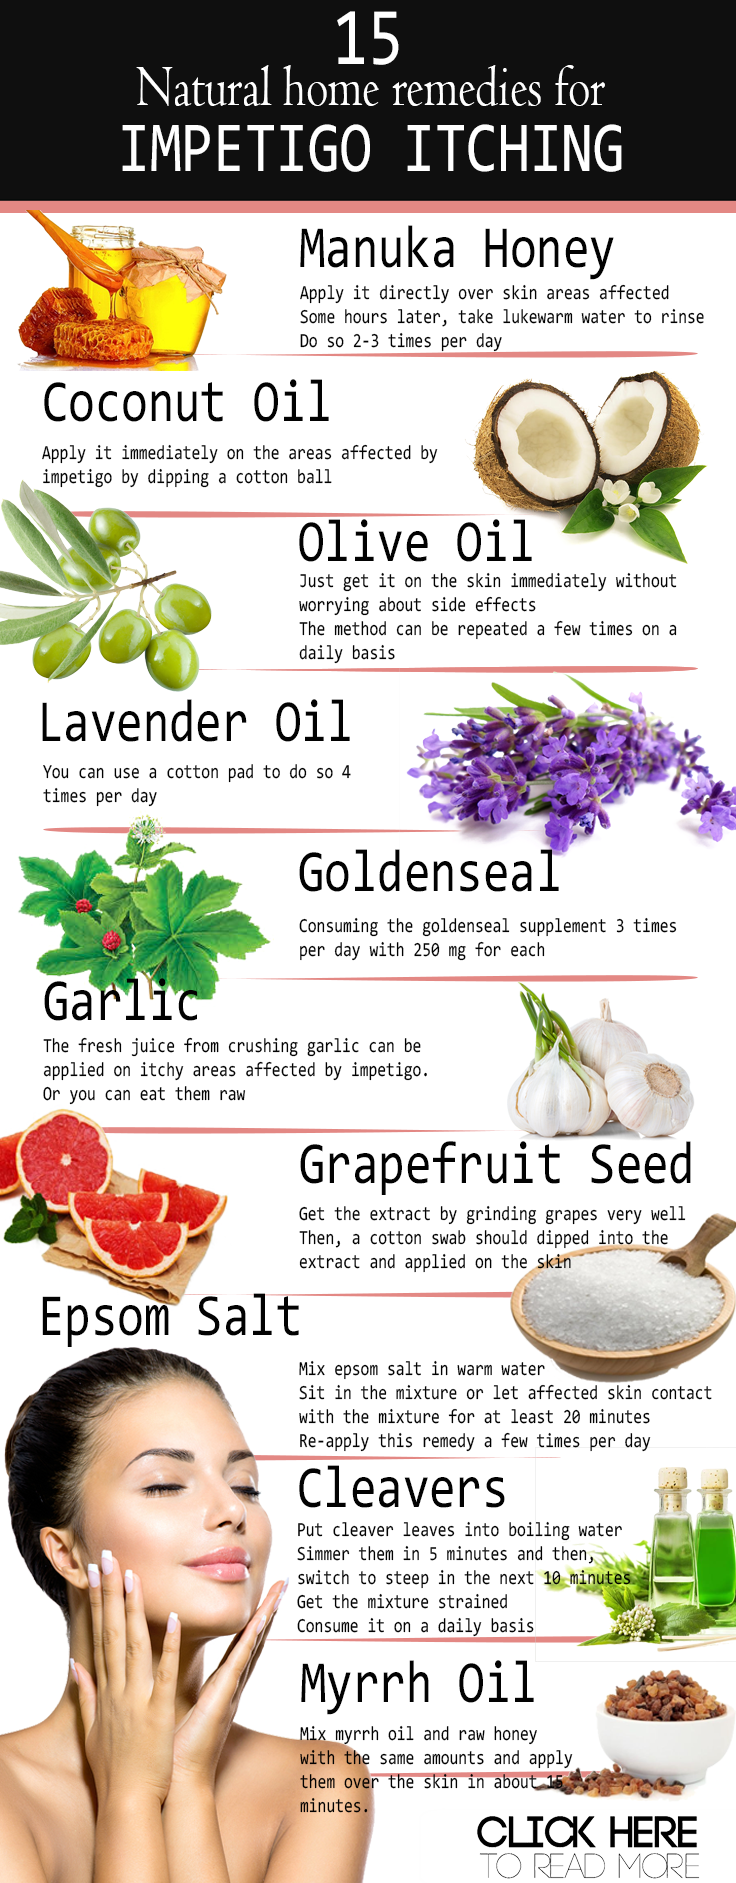 Home Remedies For Impetigo Itching Epsom Salt Manuka Honey Aloe